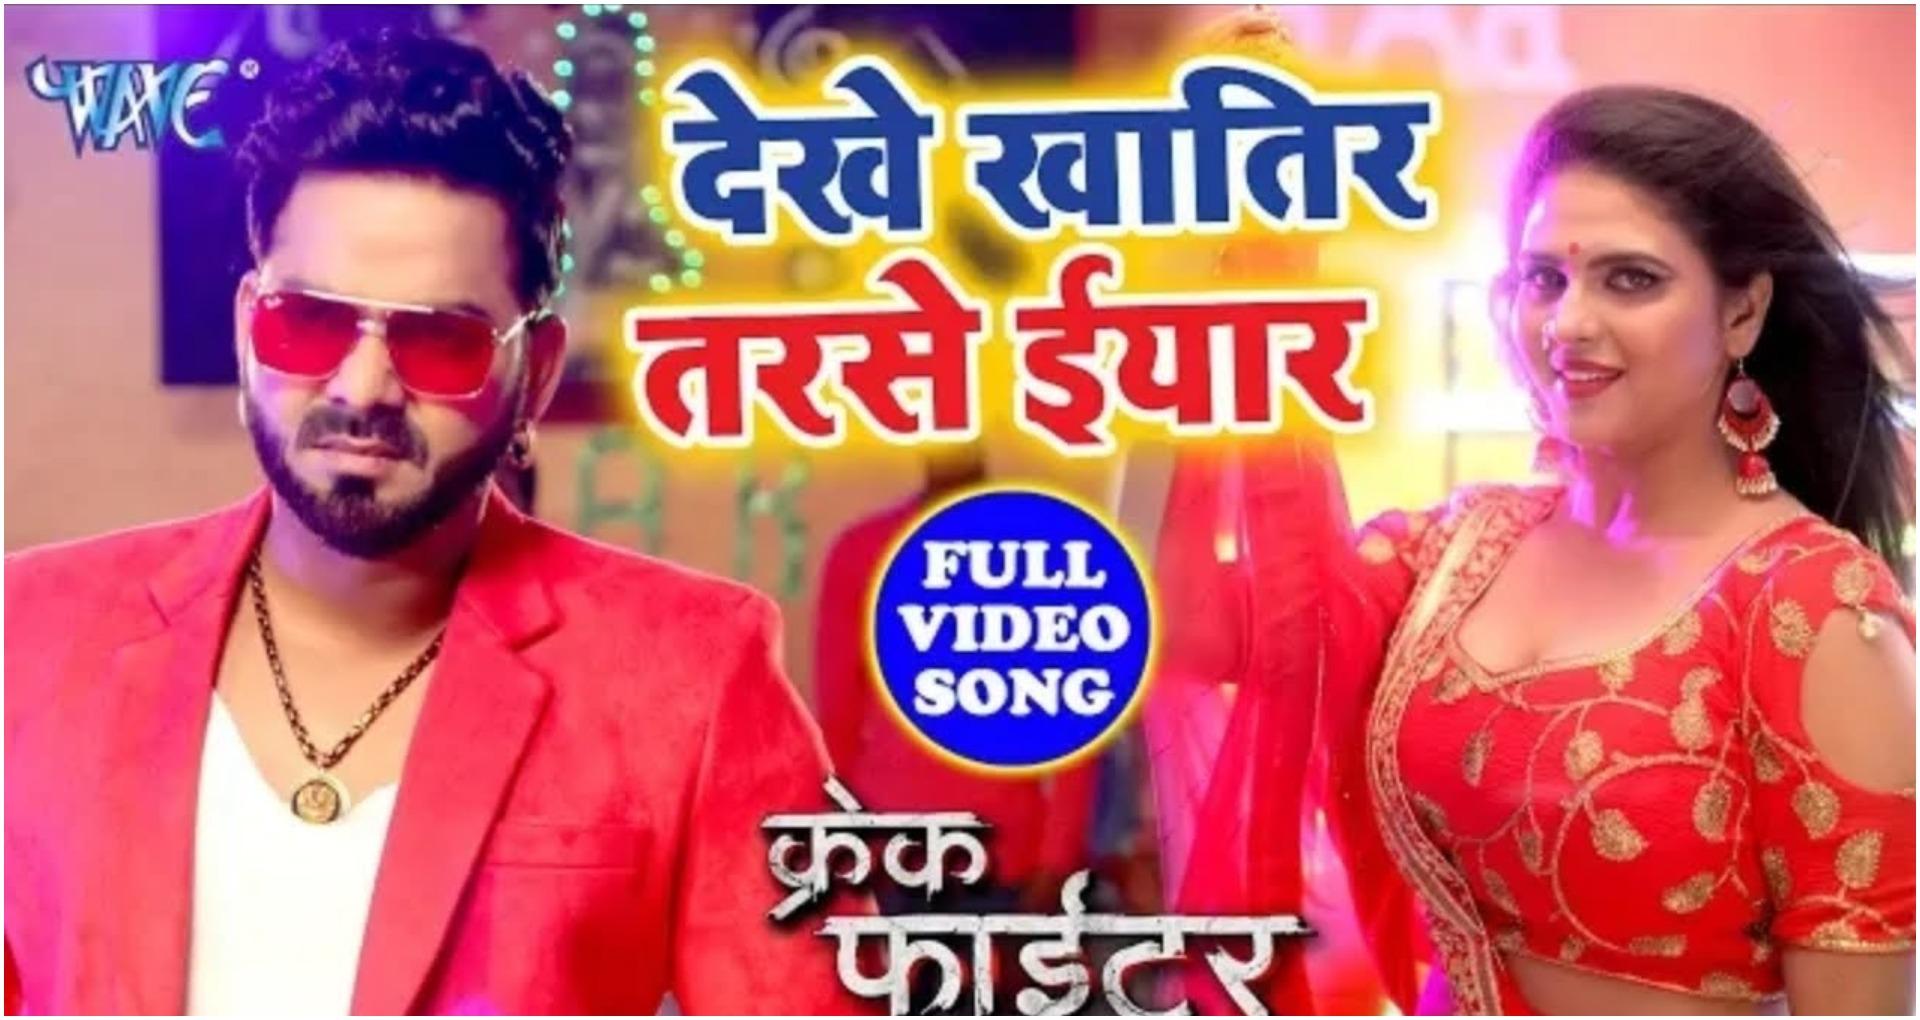 Dekhe Khatir Tarse Iyaar Song: पवन सिंह की फिल्म के इस गाने पर चांदनी सिंह ने लगाए ठुमके, देखिए वीडियो